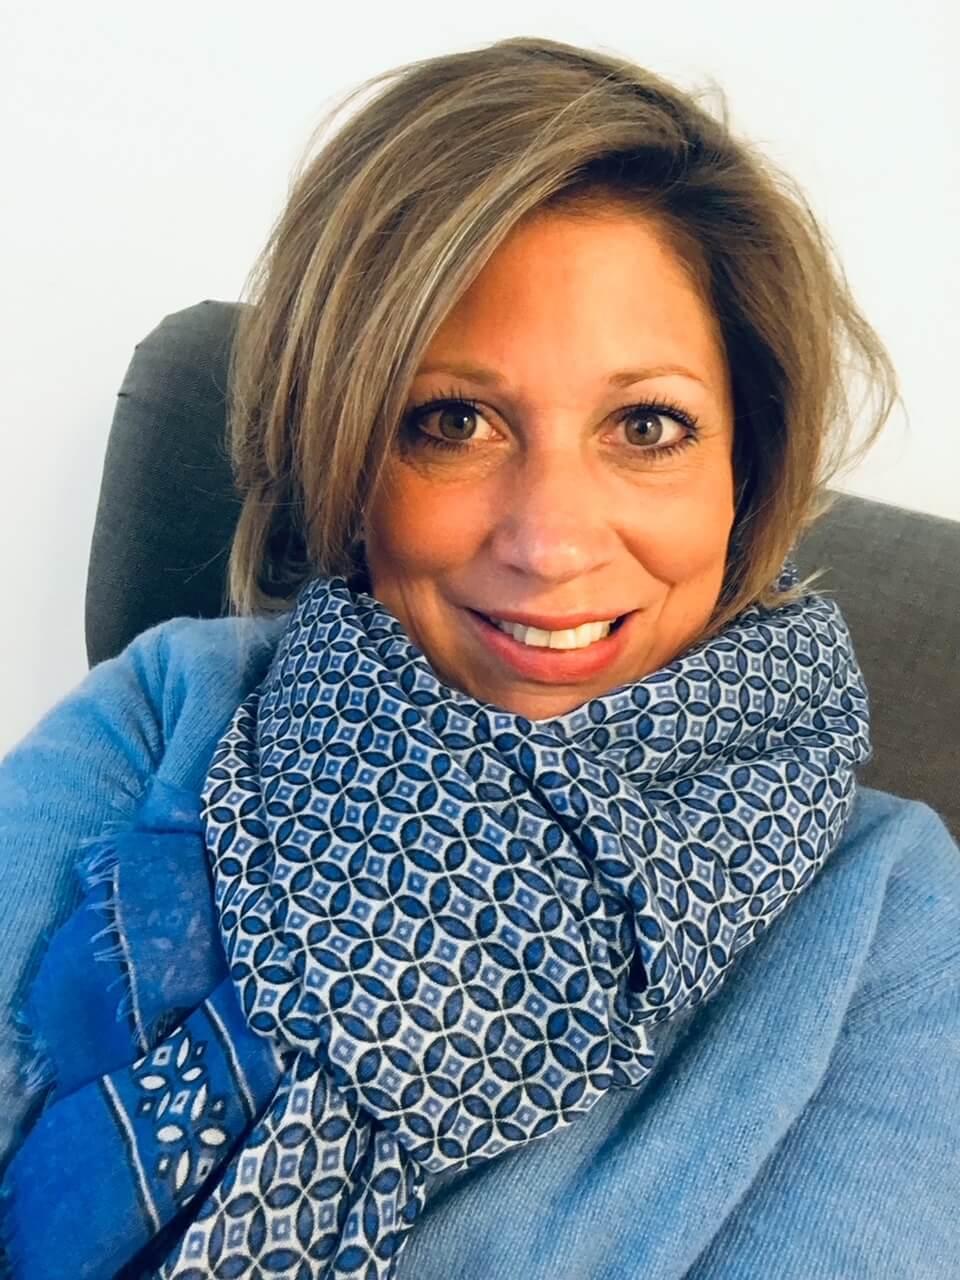 Frau-Schal-Pullover-Kinderwunsch-positiv denken-daran glauben-wie schaffe ich das-Ferber-Beratung-Psychologie-Hilfe